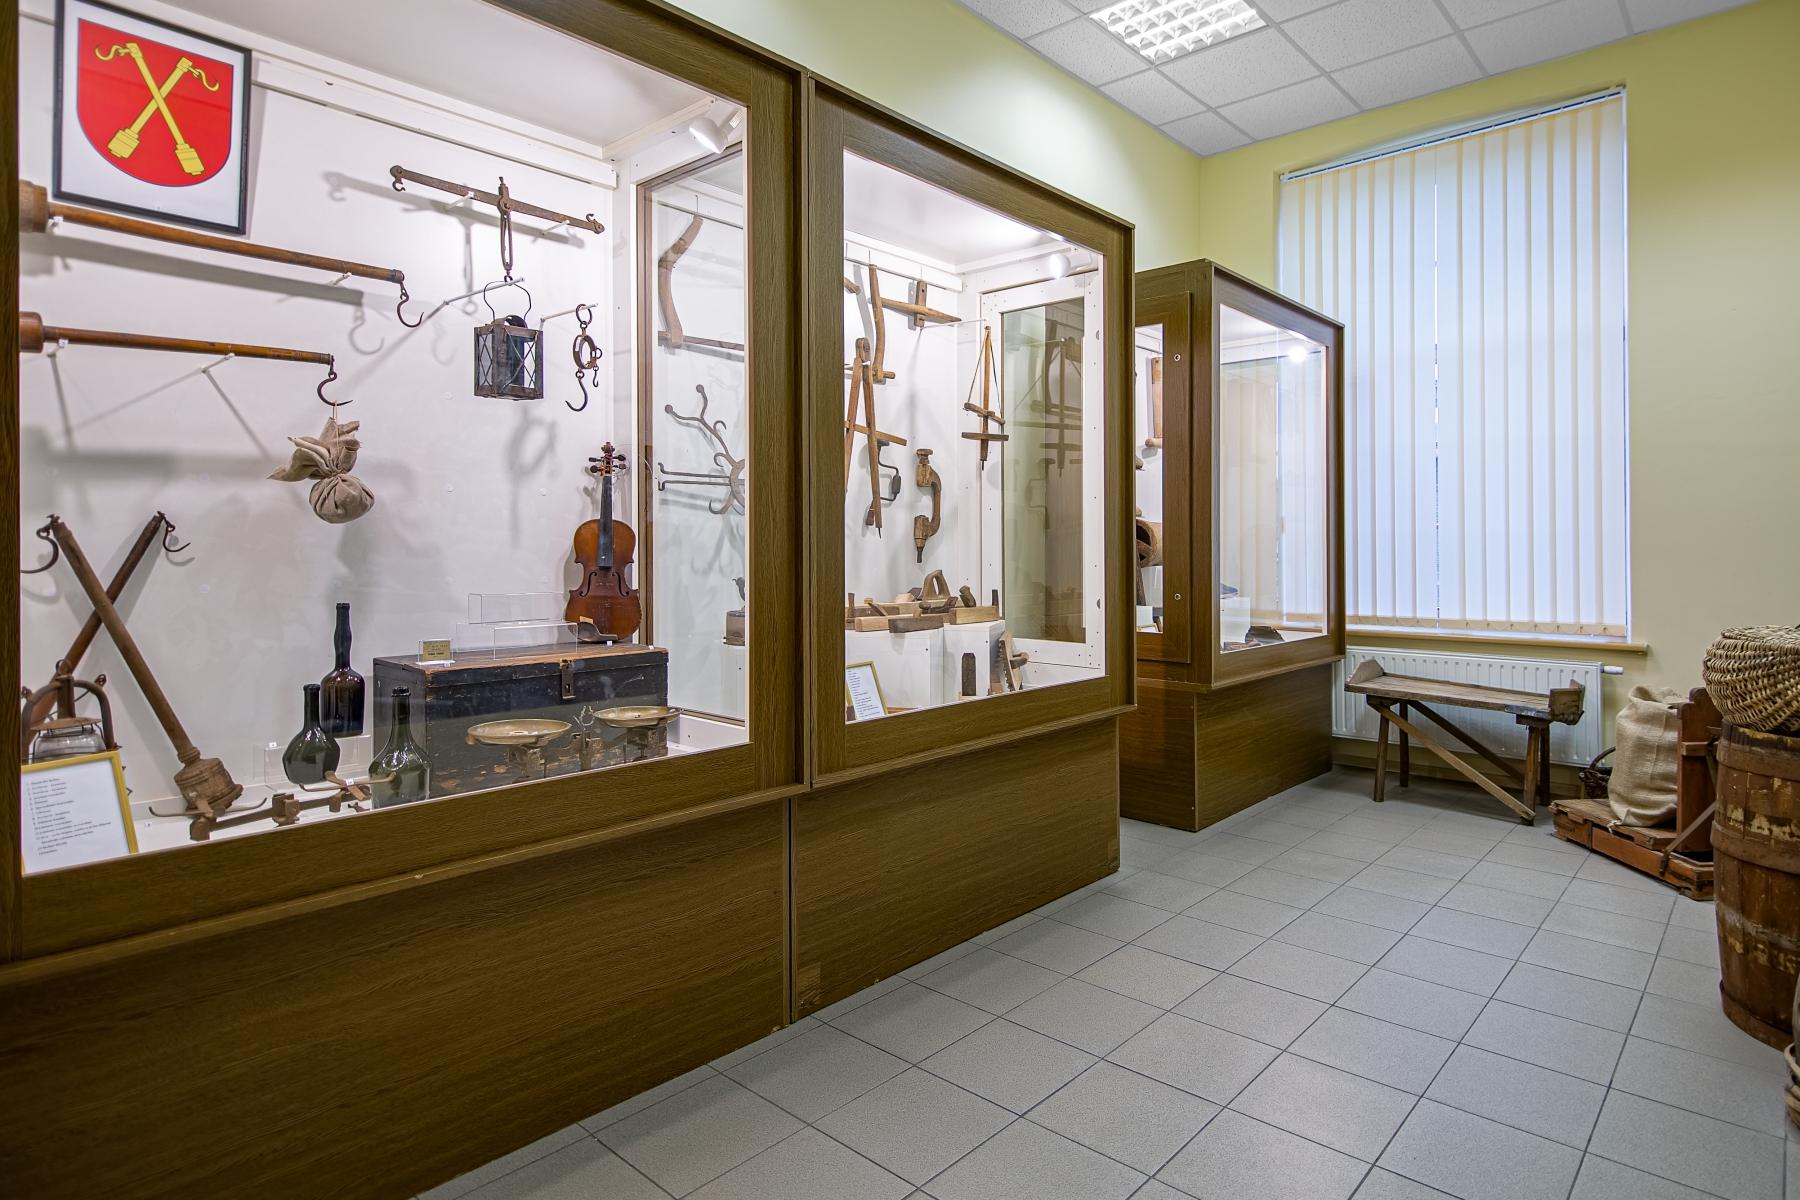 047_Taurages-muziejus